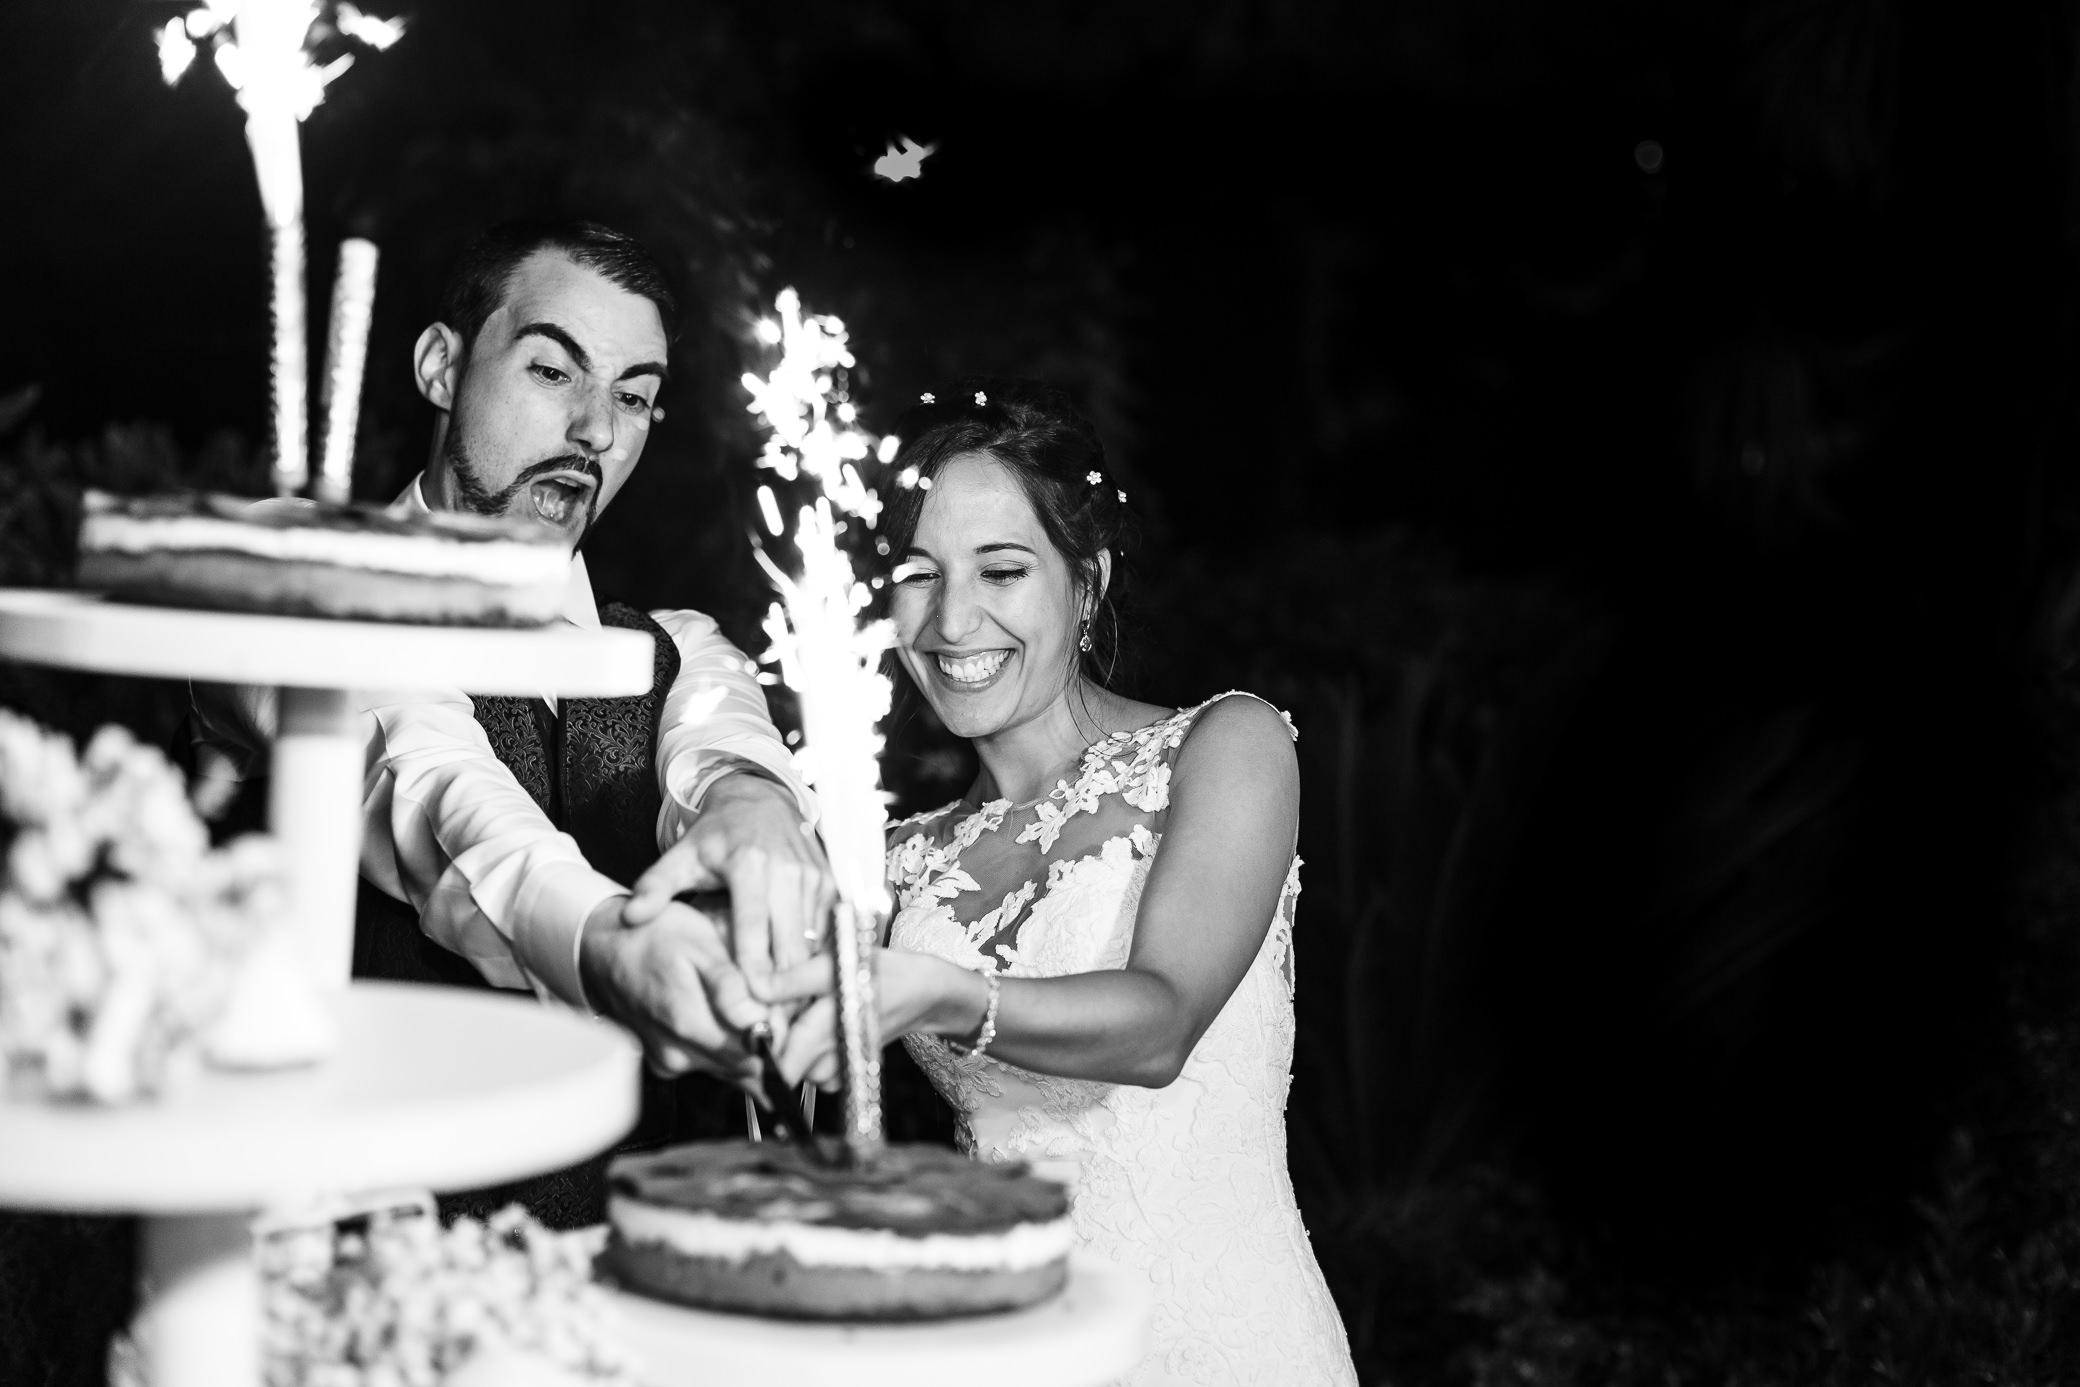 boda-aire-libre-can-tosca-photografeel-70.jpg